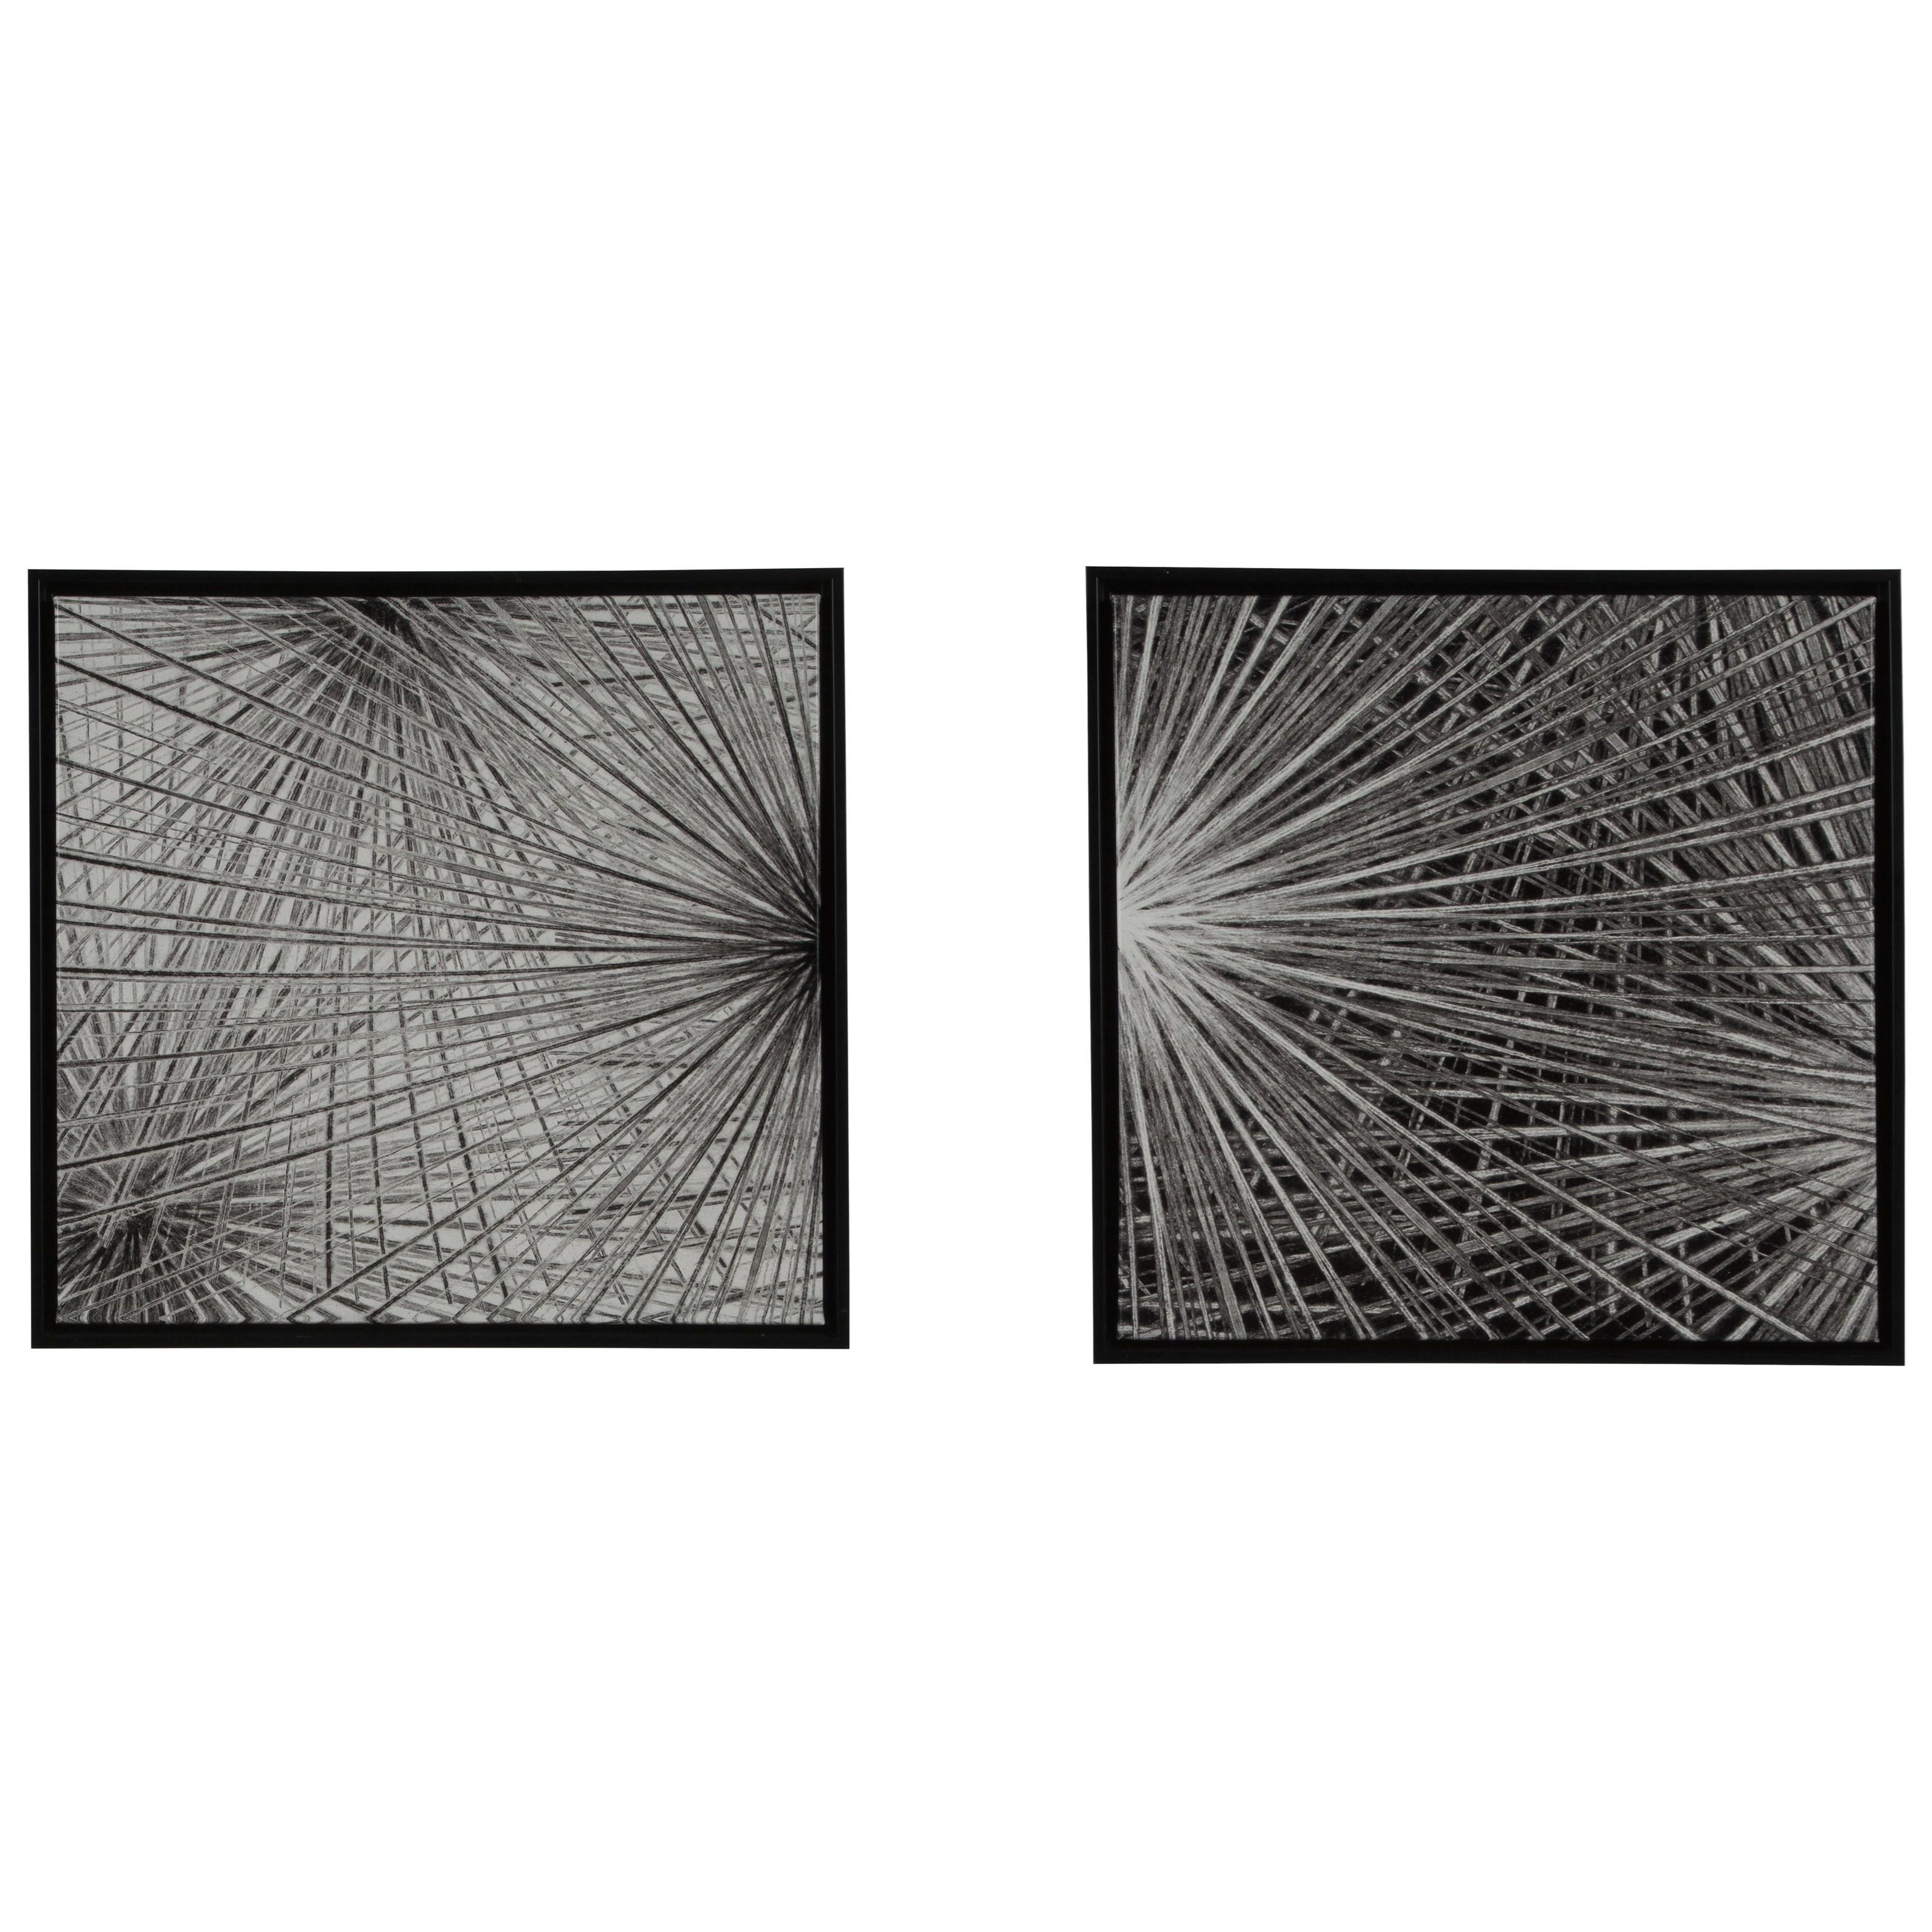 Dorinda Black/White Wall Art Set